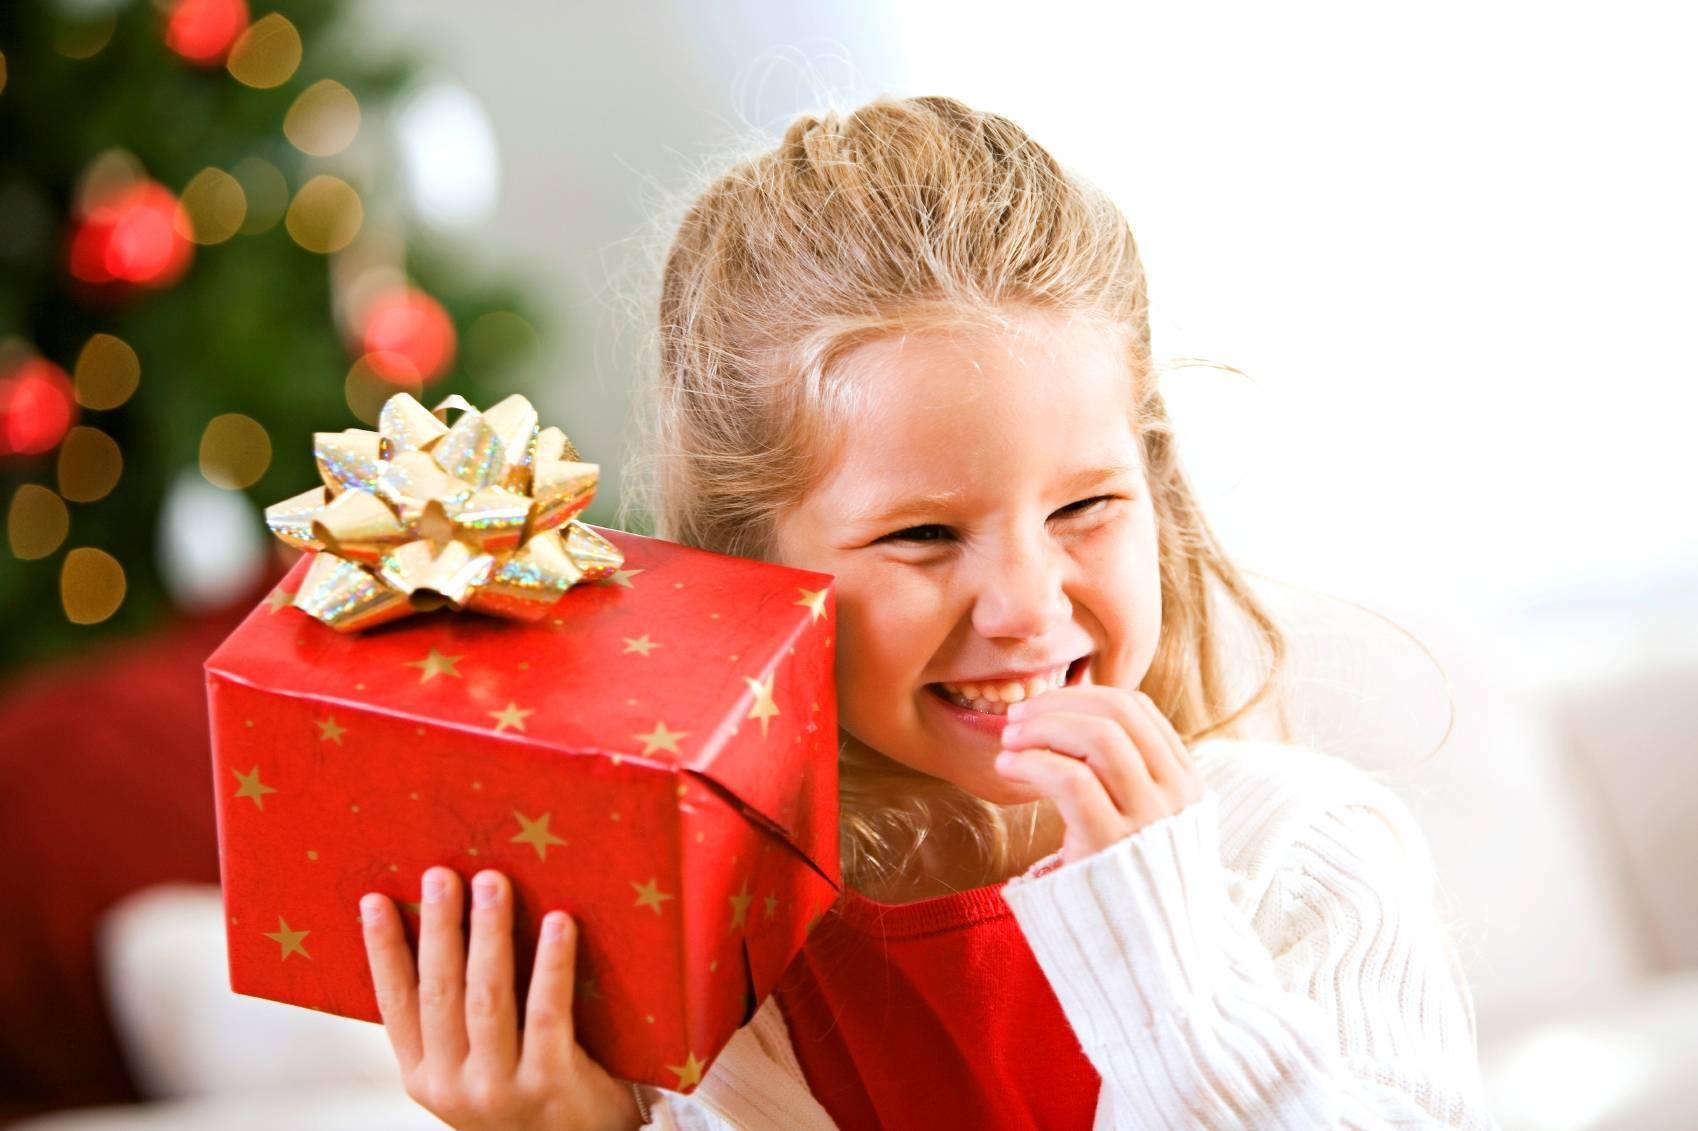 Лучшие подарки на день рождение девочке 5 лет